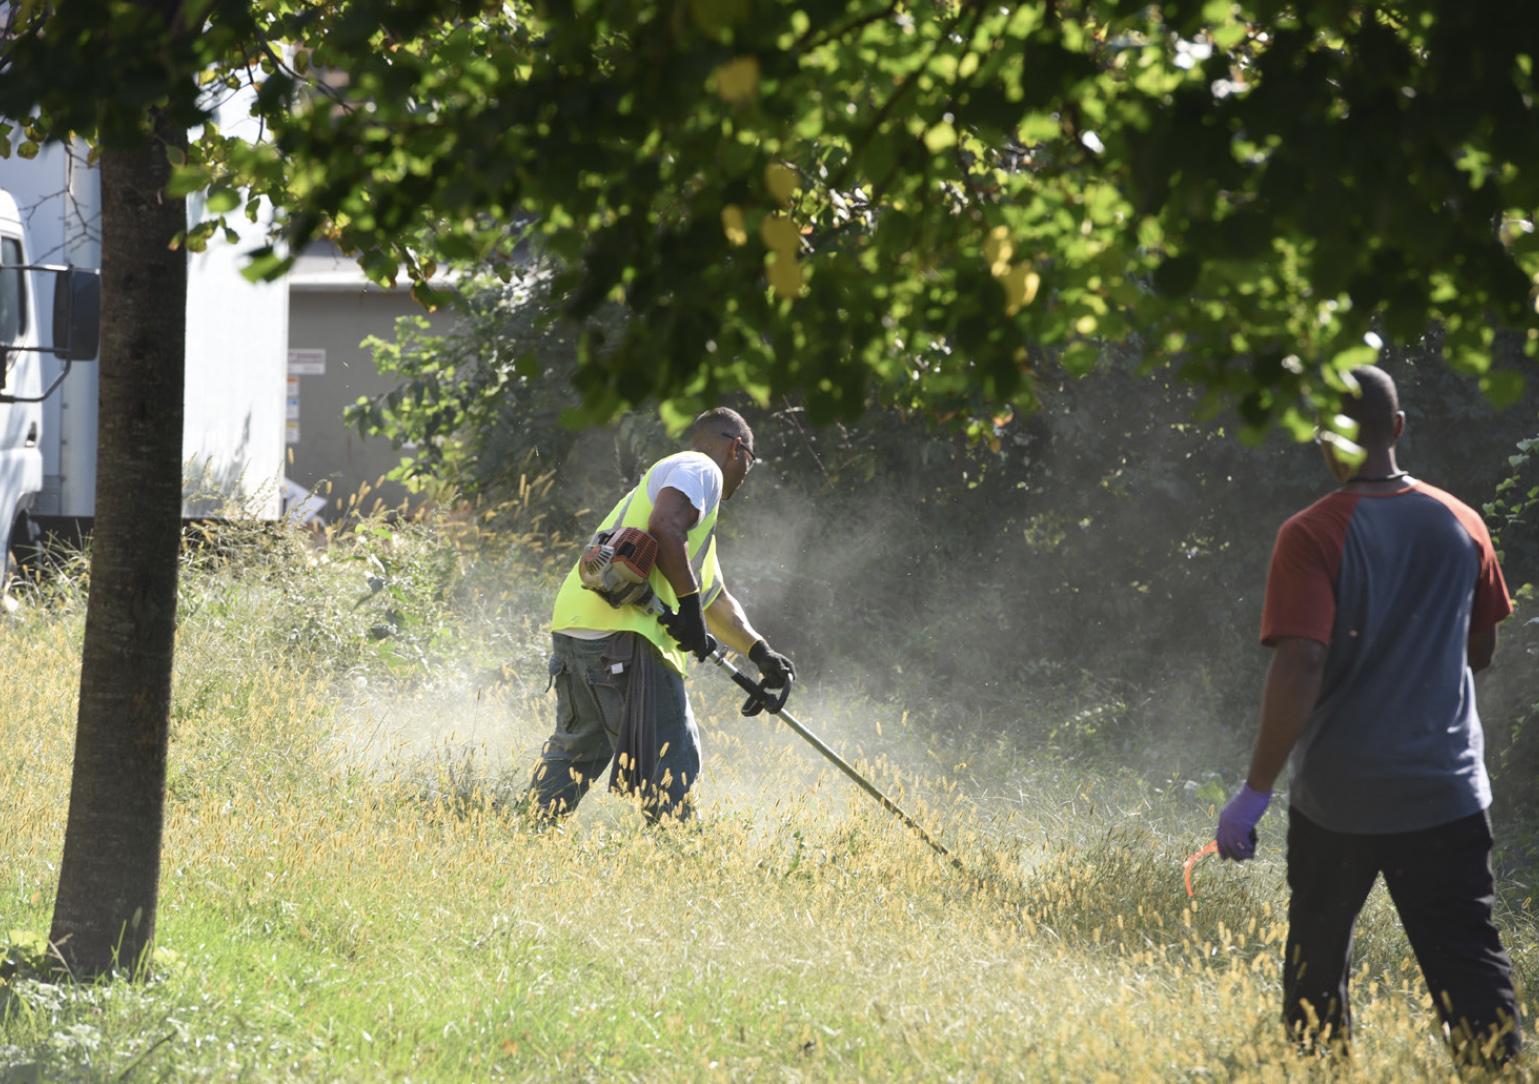 Men doing landscaping